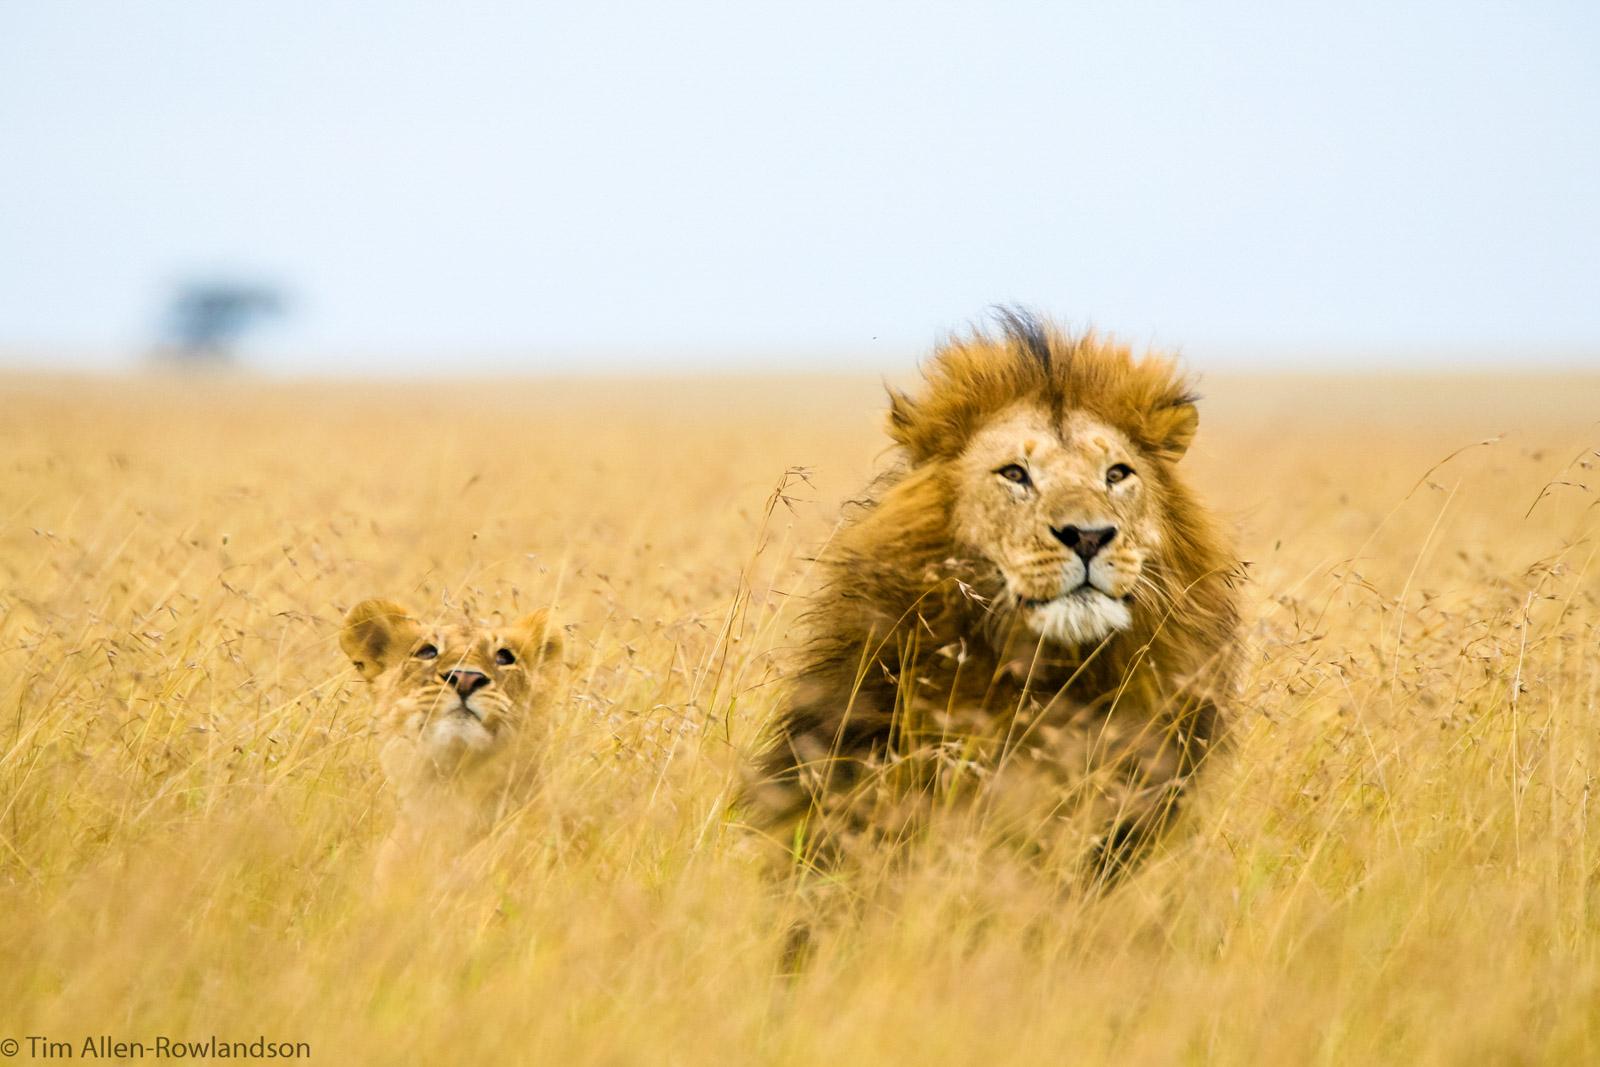 Courting lions in long grass, Masai Mara